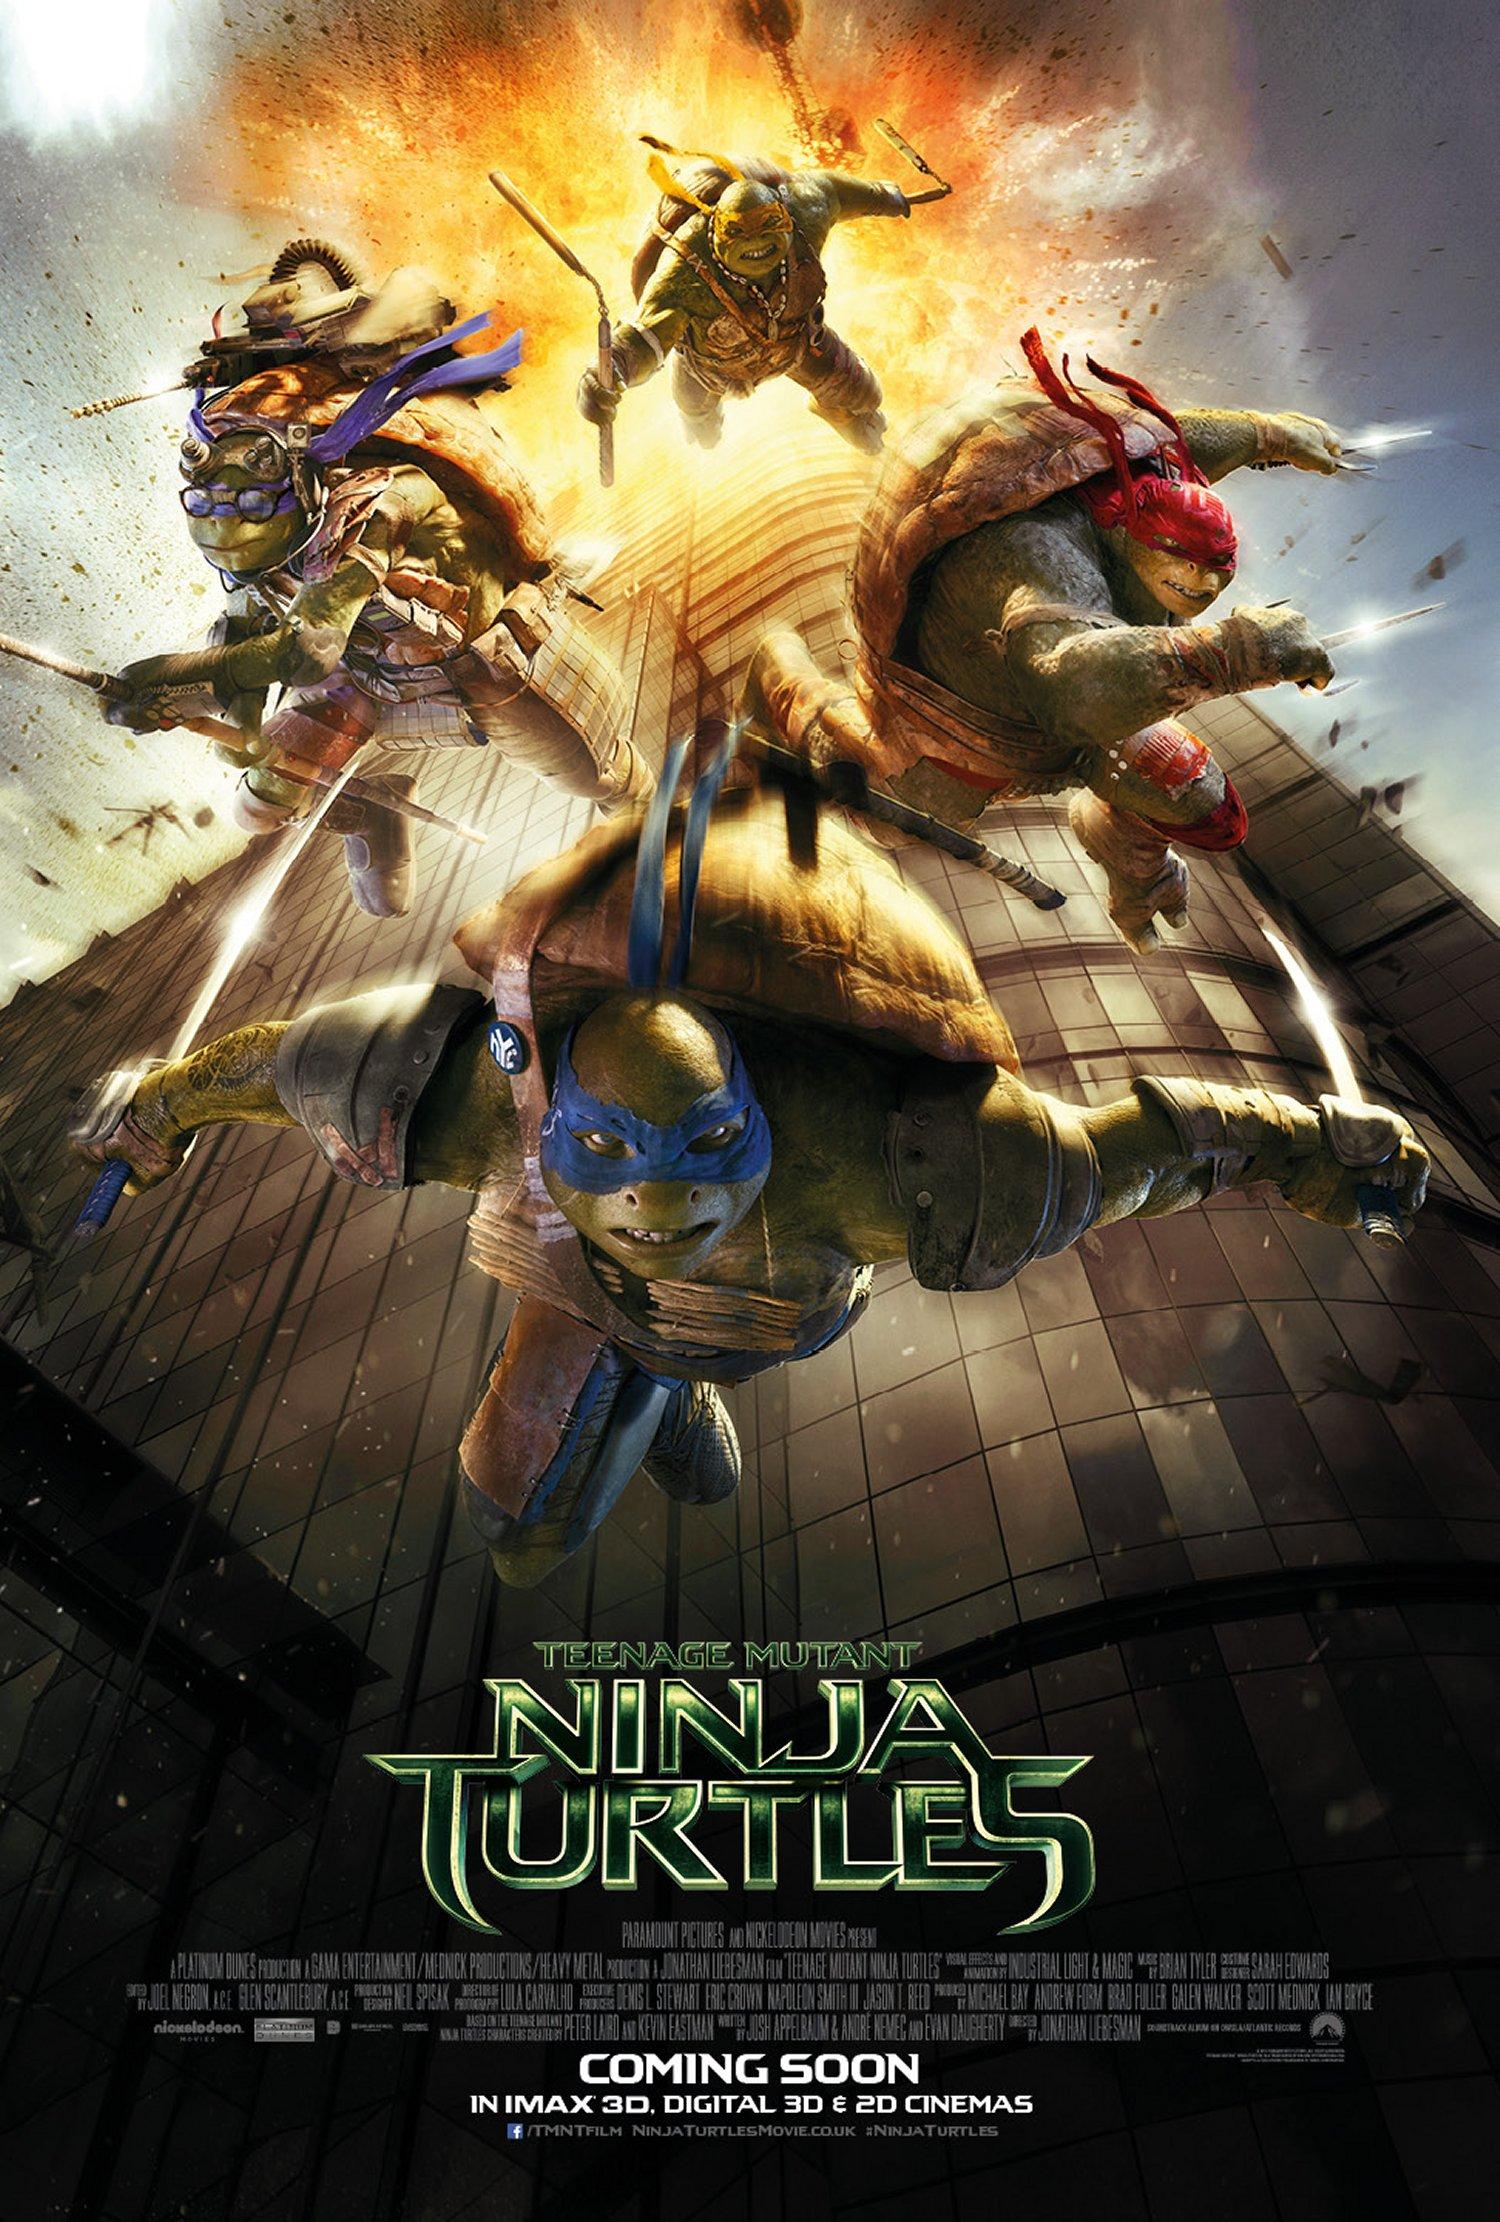 Teenage Mutant Ninja Turtles UK poster